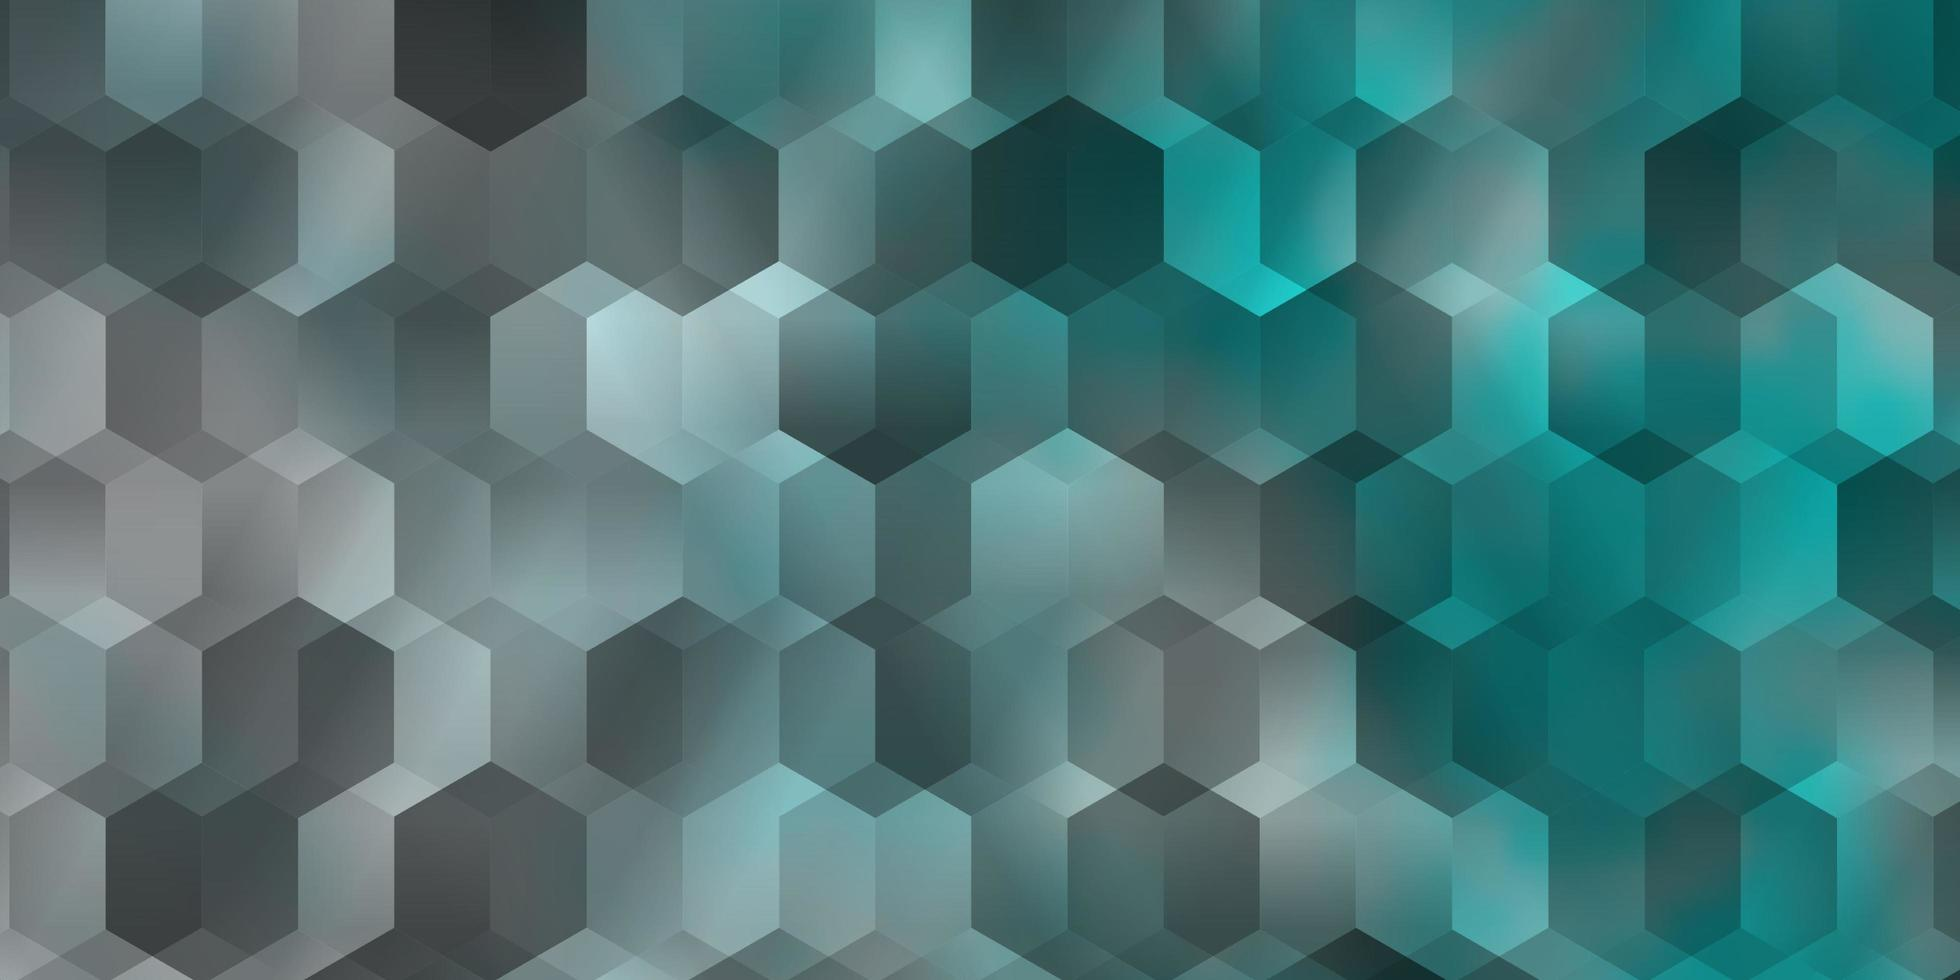 textura vector azul claro com hexágonos coloridos.